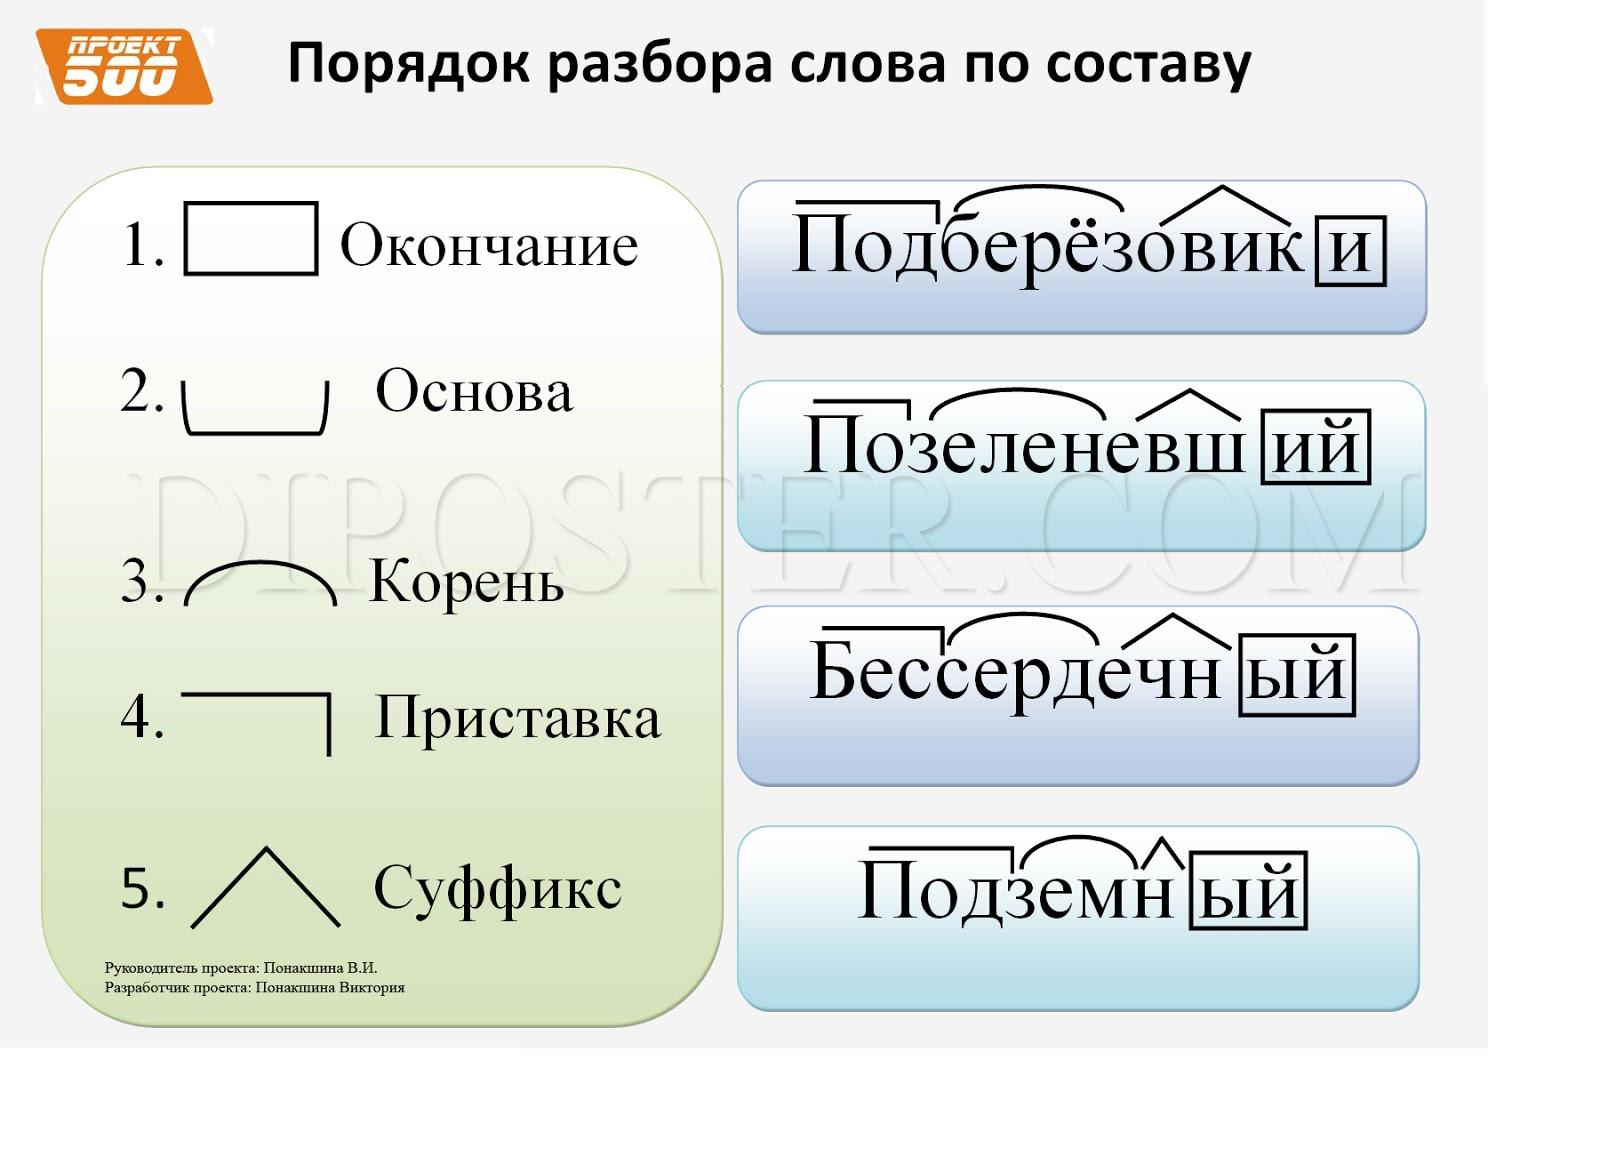 разбора слова по составу: